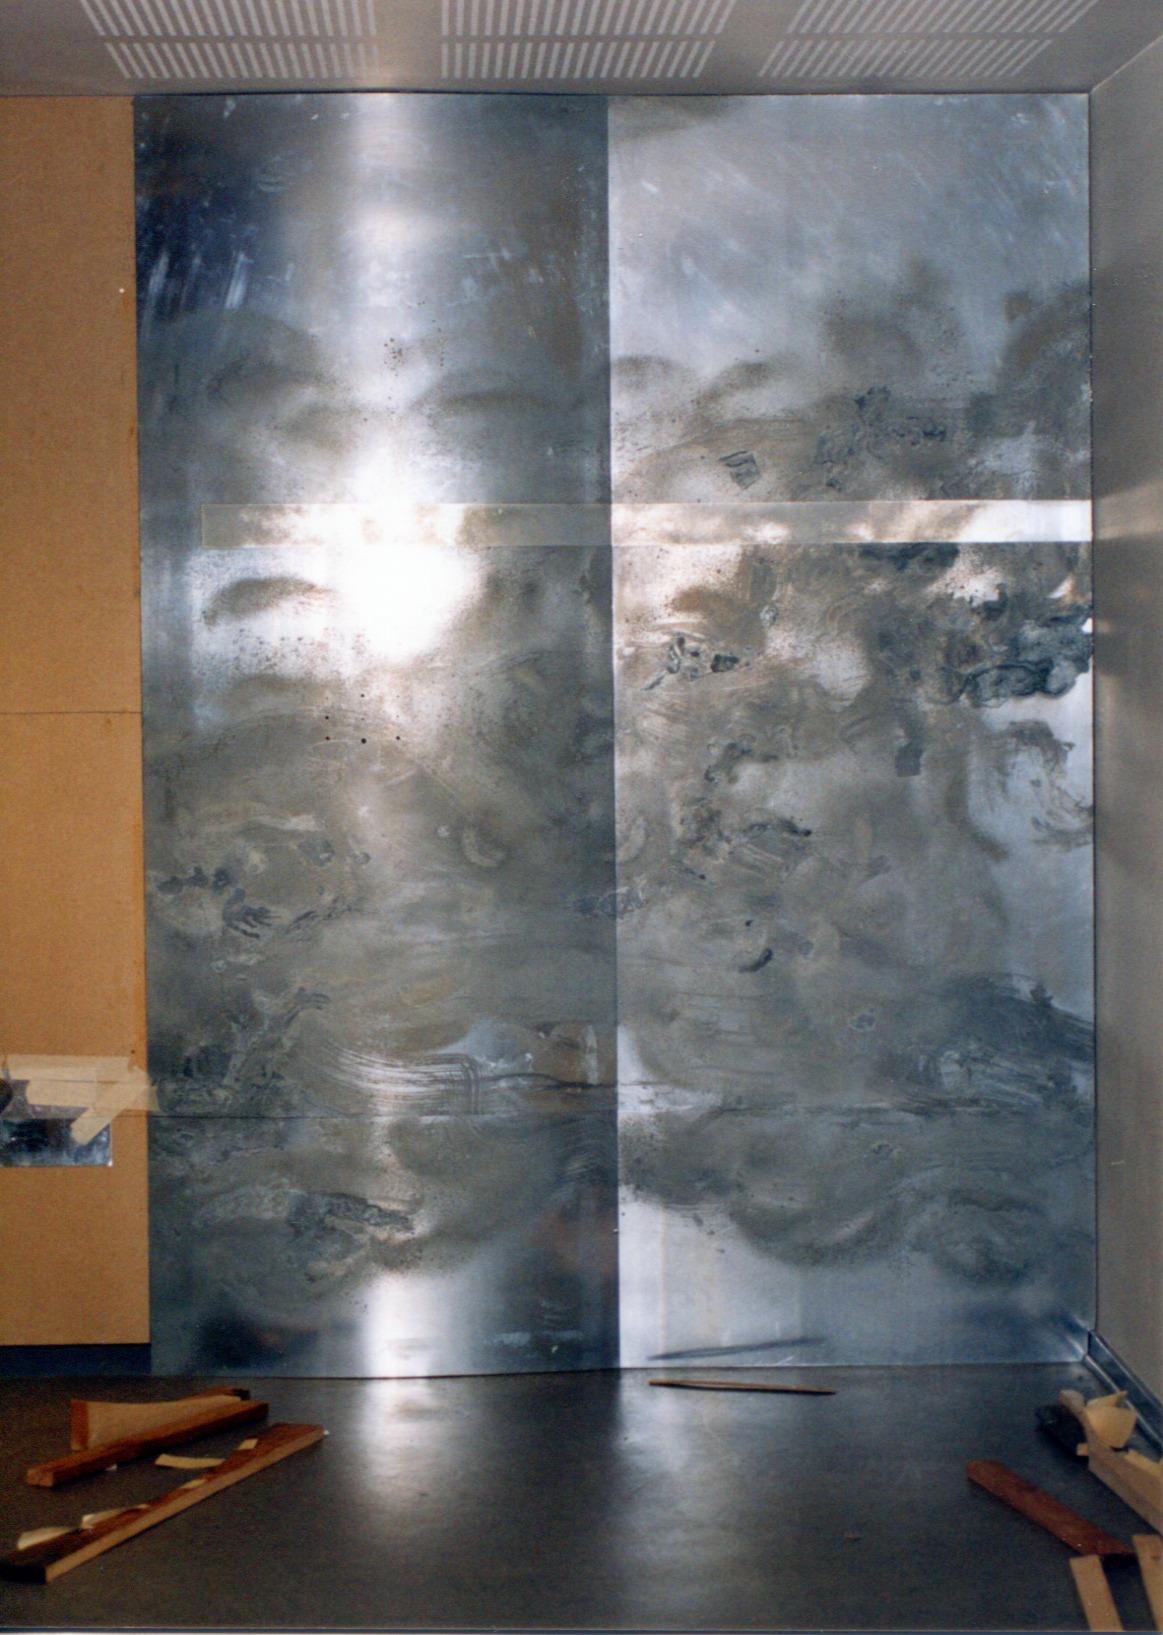 Vægbeklædning af ætsede zinkplader med lufthuller